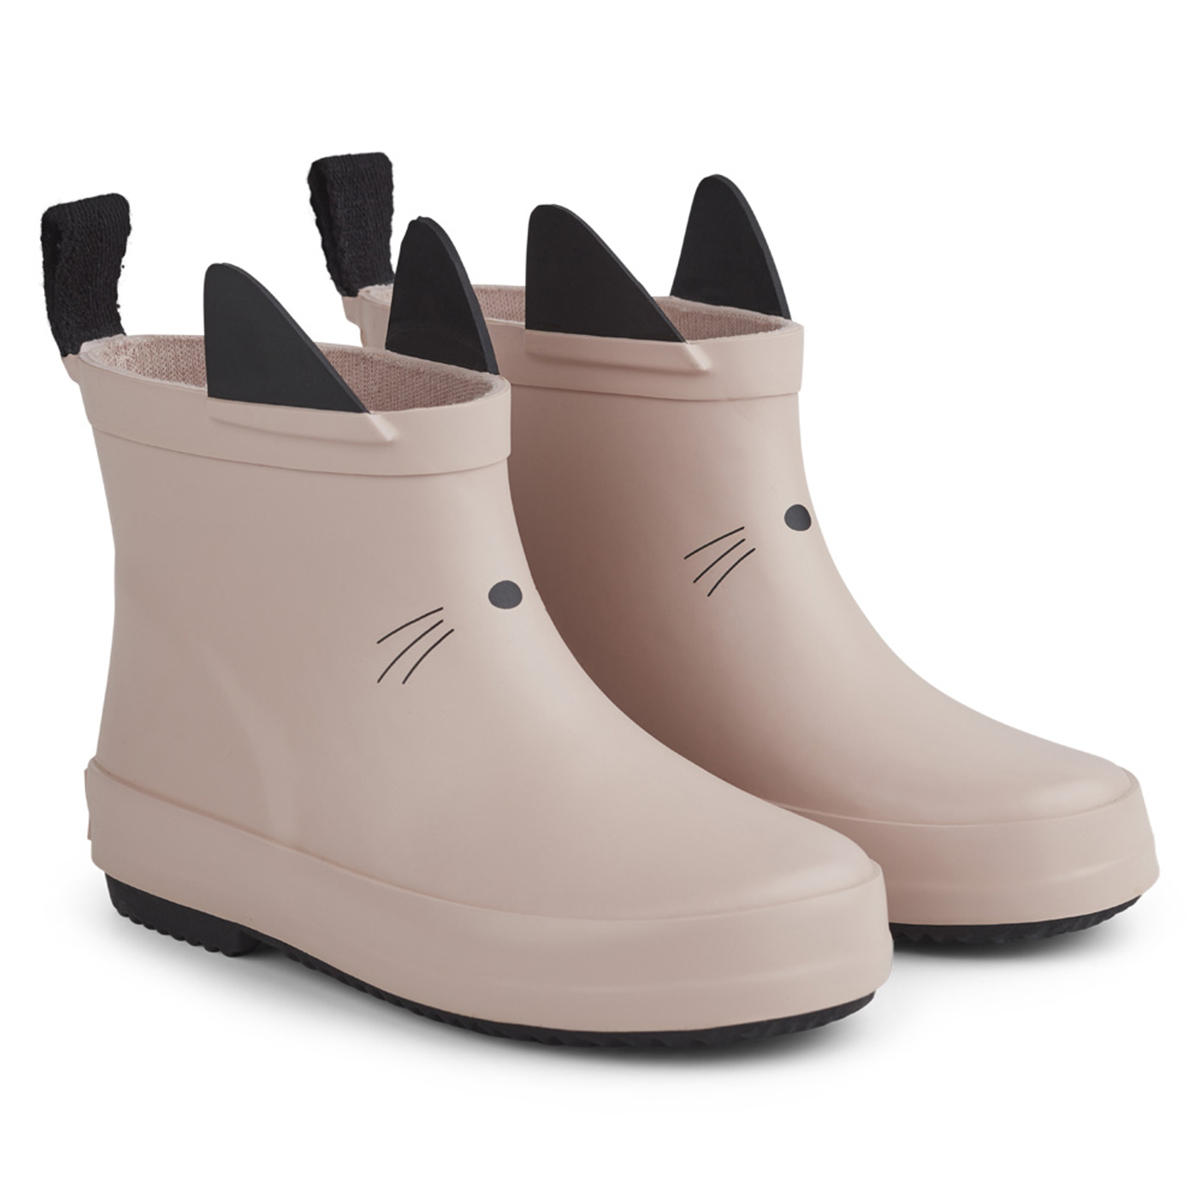 Chaussons & Chaussures Bottes de Pluie Tobi Cat Rose - 24